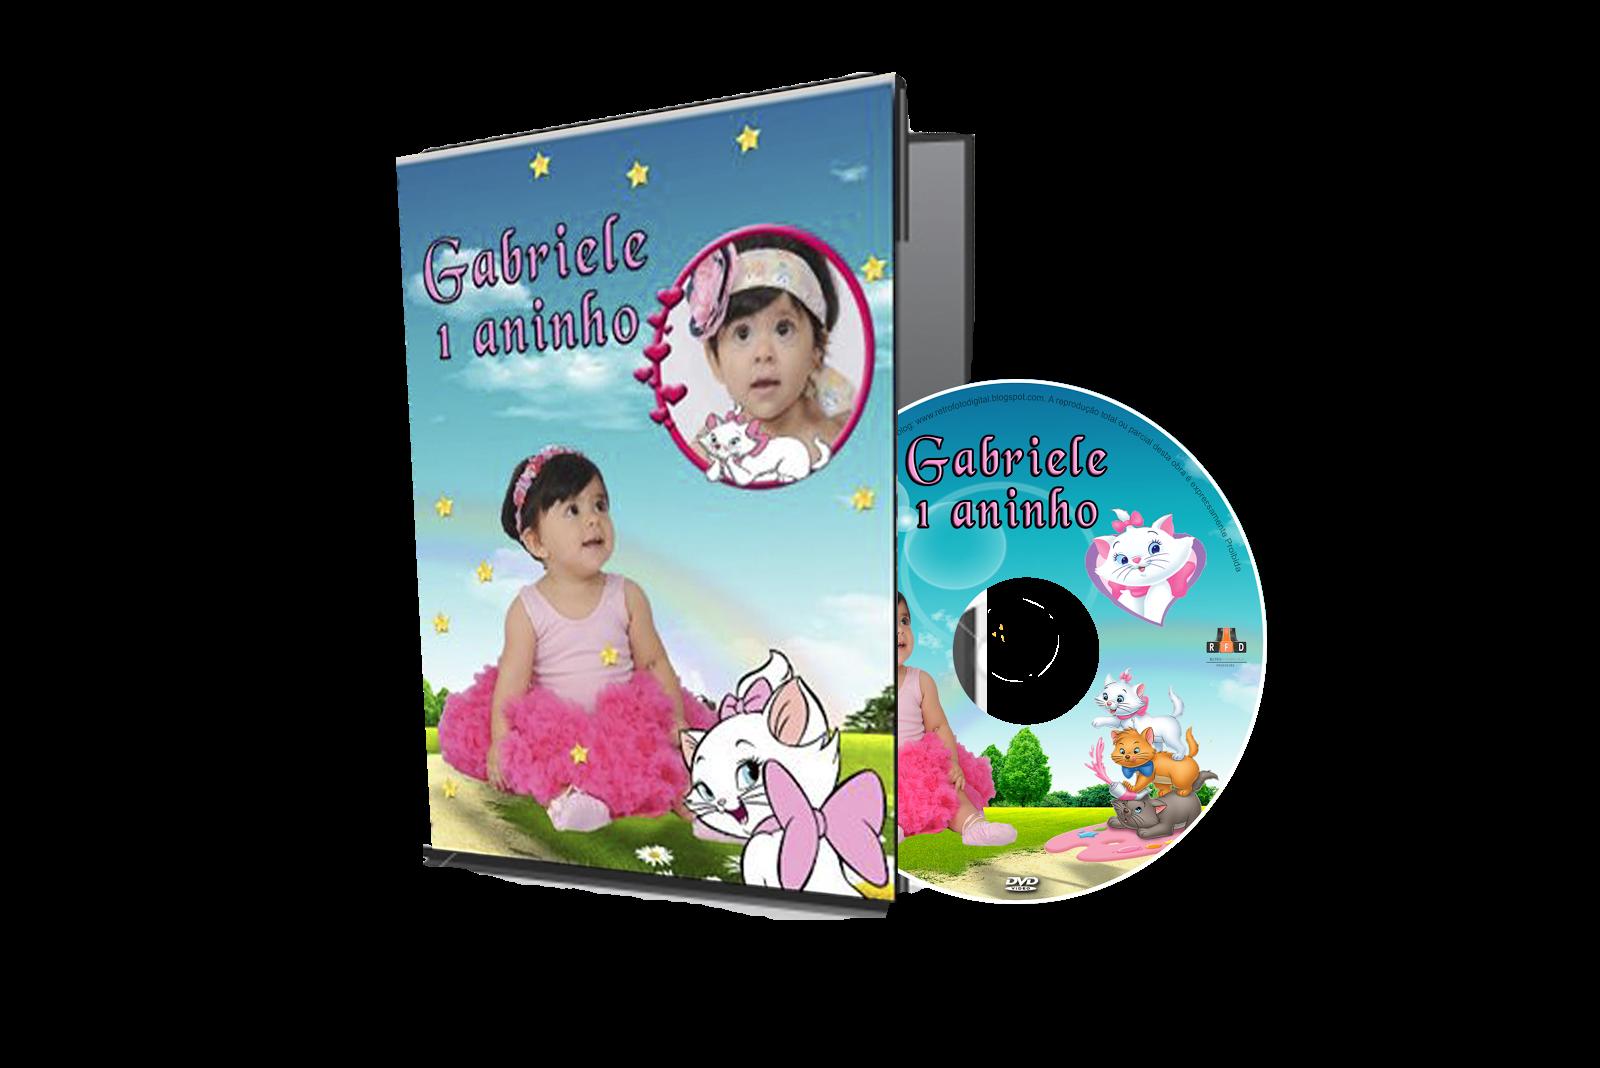 Cada de DVD da Gata Marie